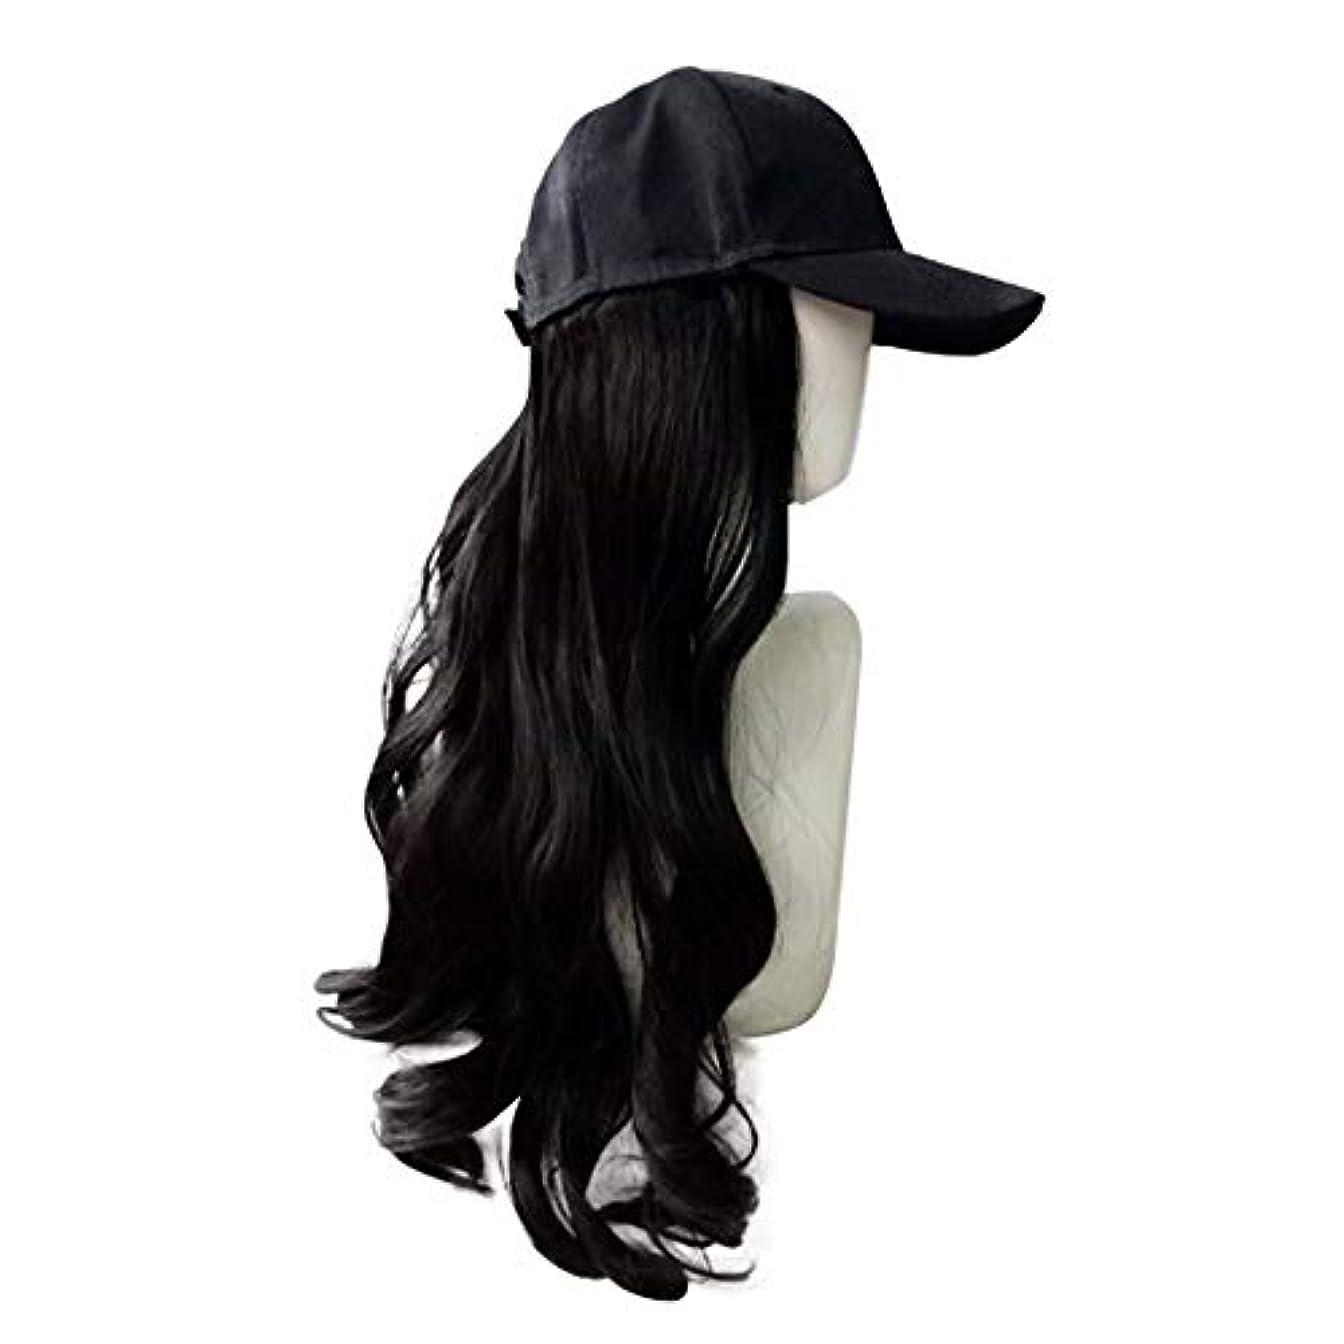 に対応傷つきやすい適応長い黒のかつら、帽子かつらシンプルなかつらファッションかつらキャップ自然なかつら女性の耐熱性のための長い波状の合成かつら